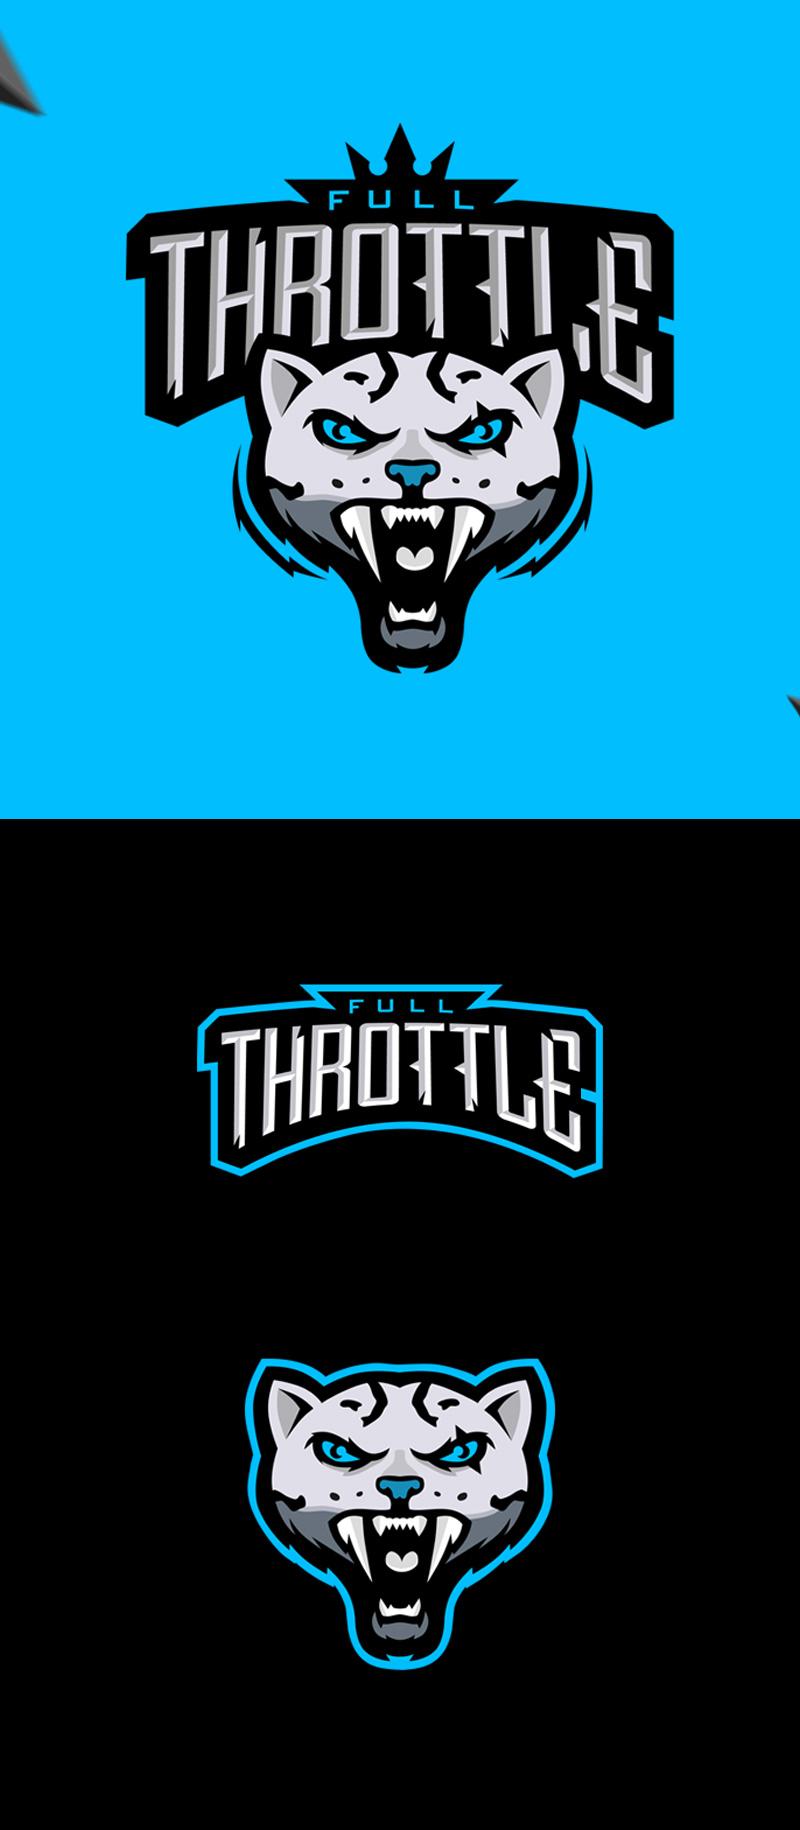 Logotipos de Equipos de eSports y gamers - Logotipo de deportes electrónicos - Full Throttle